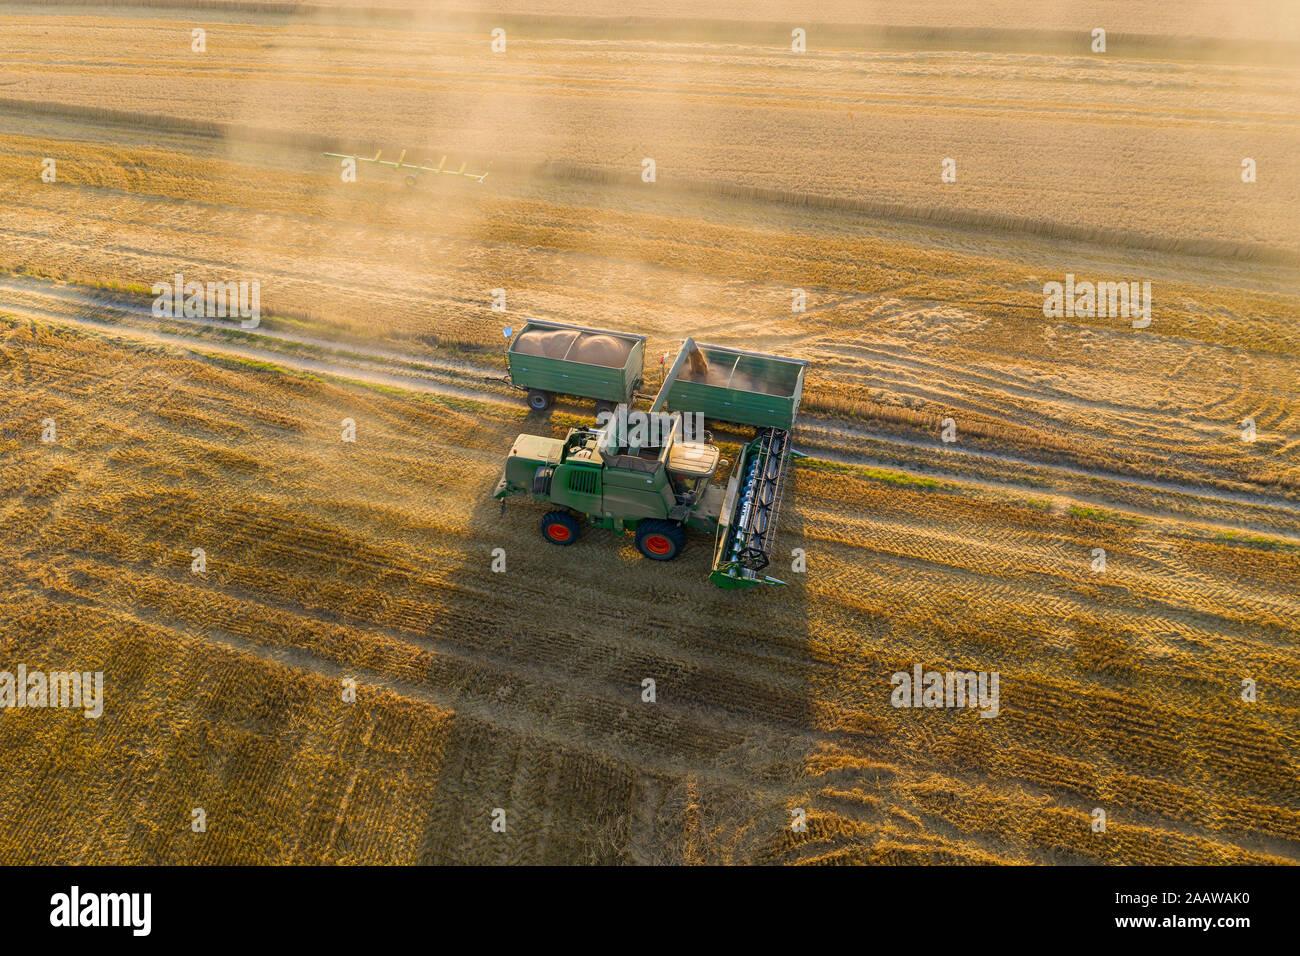 Vista aérea de la cosechadora en el campo agrícola durante la puesta de sol Foto de stock